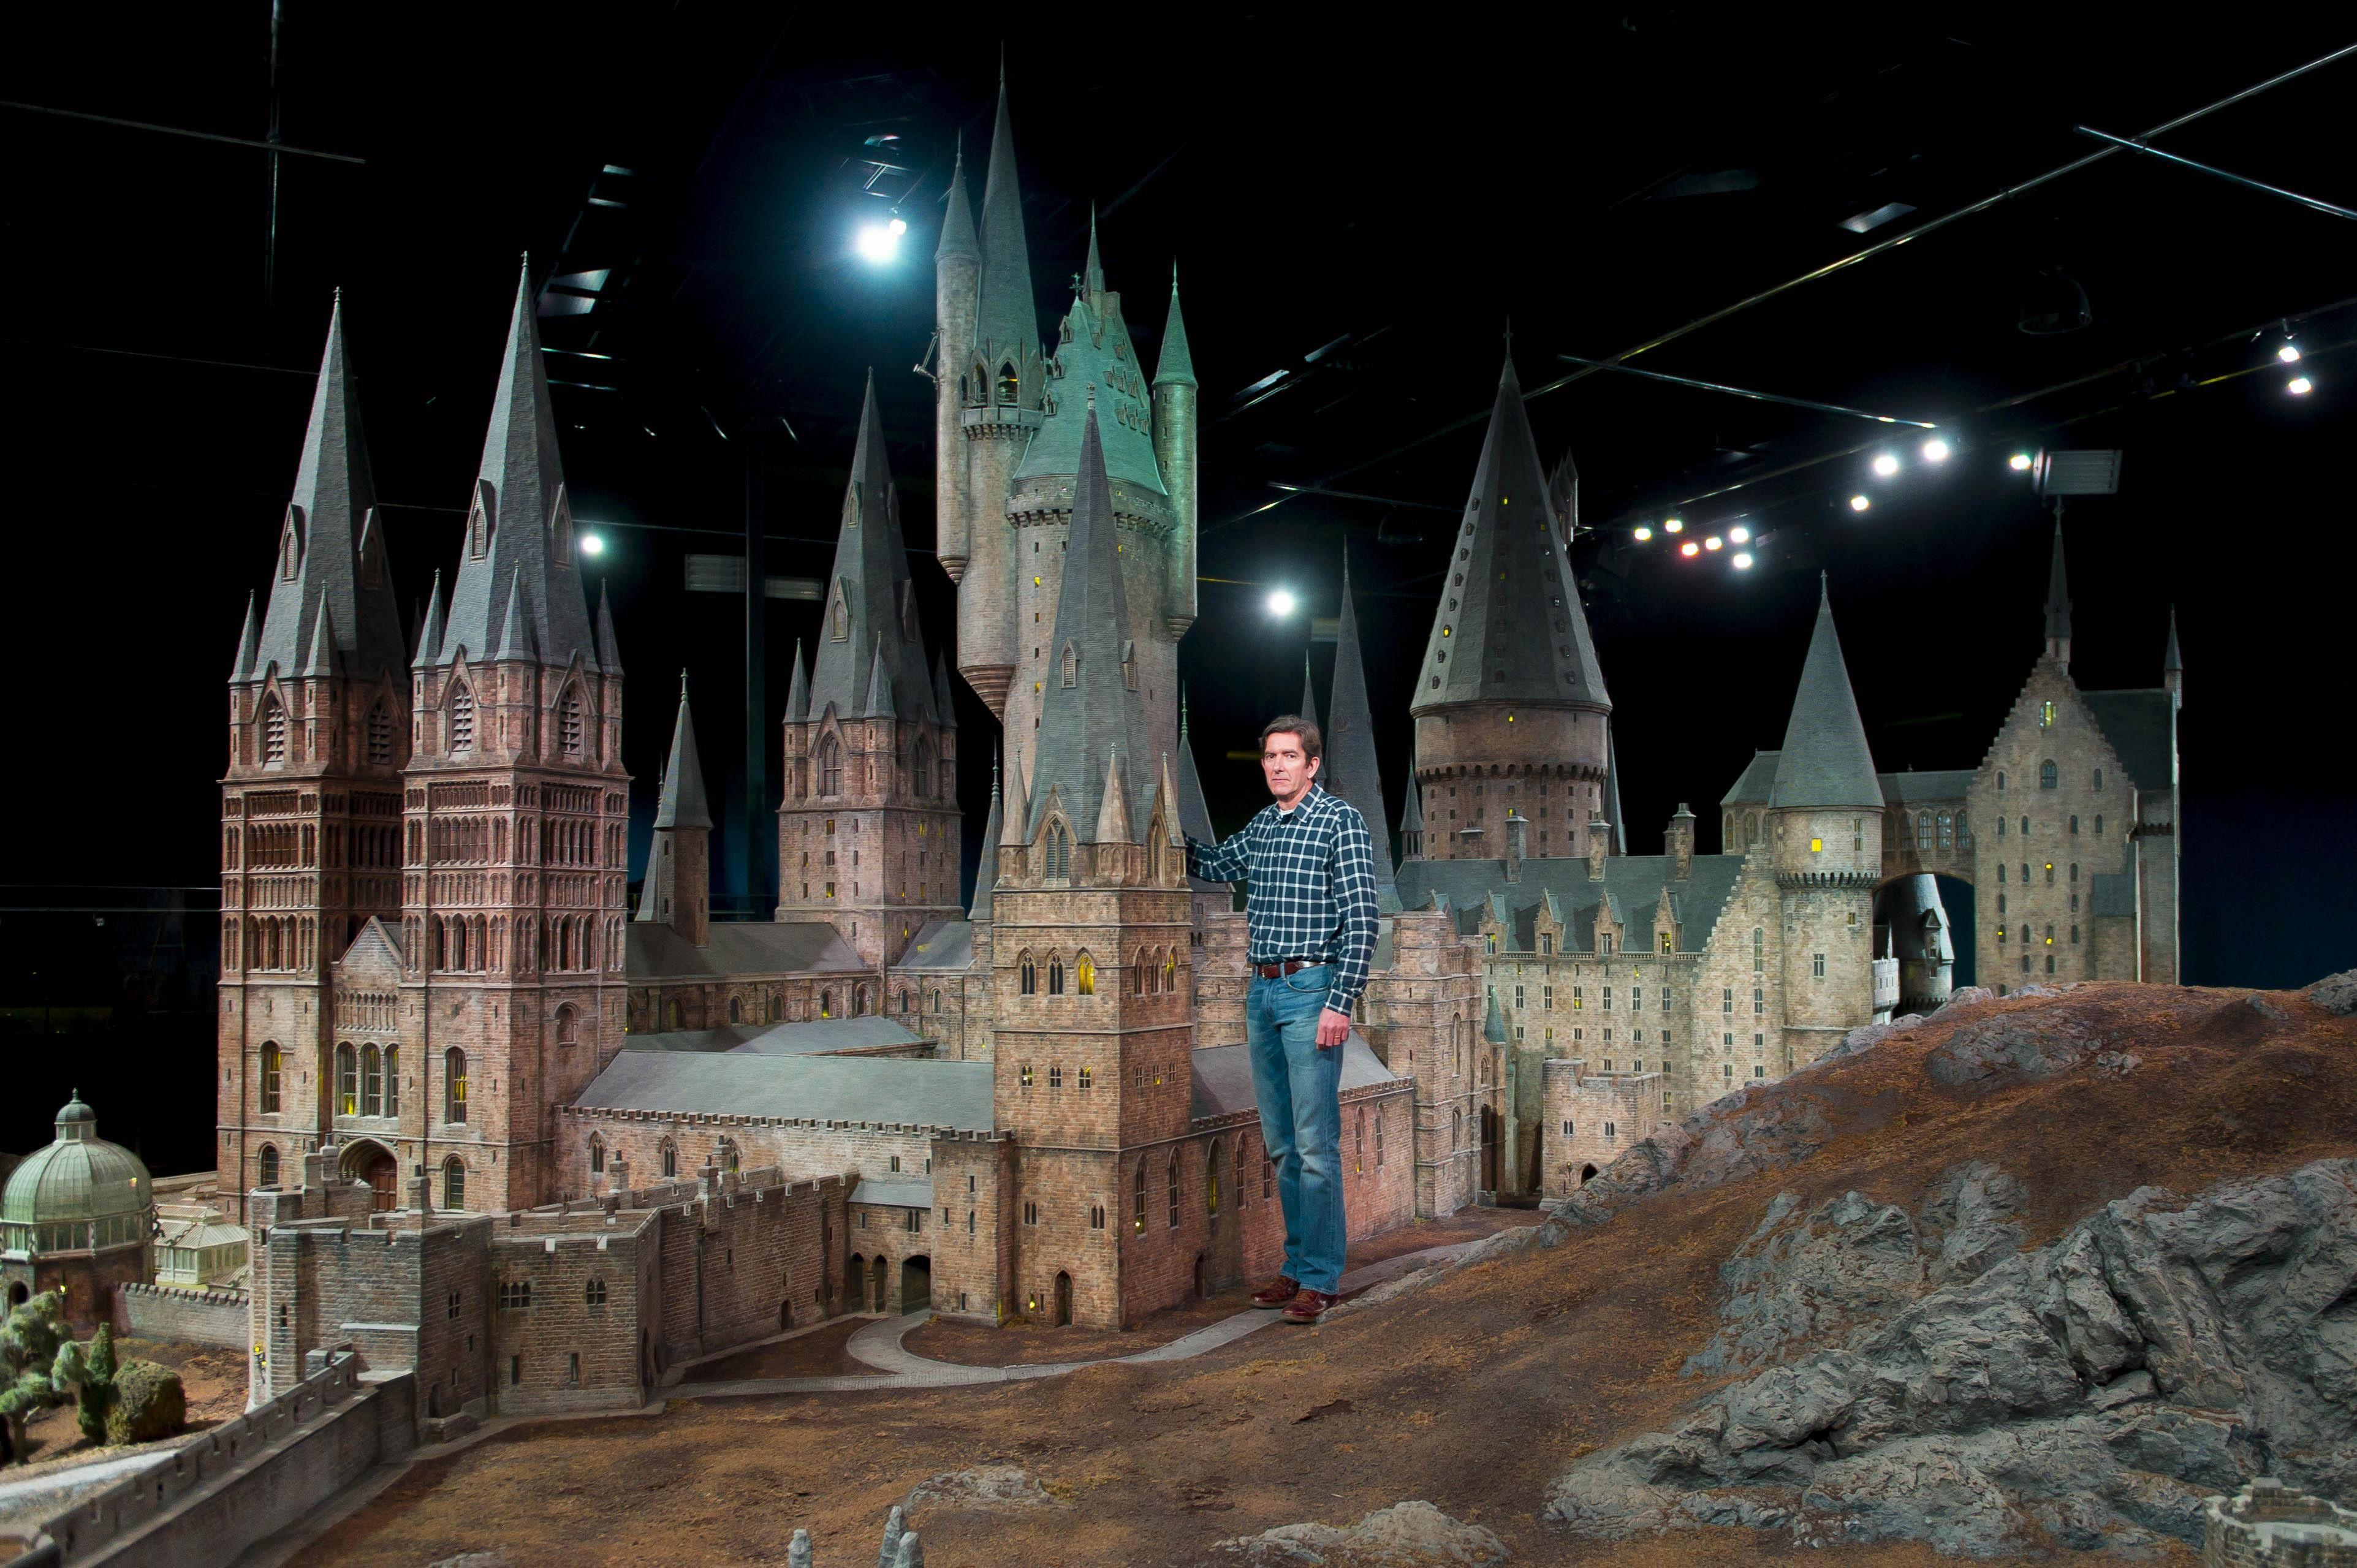 Incredibly Detailed Model Of Hogwarts Castle Revealed Hogwarts Castle Harry Potter Studio Tour Hogwarts